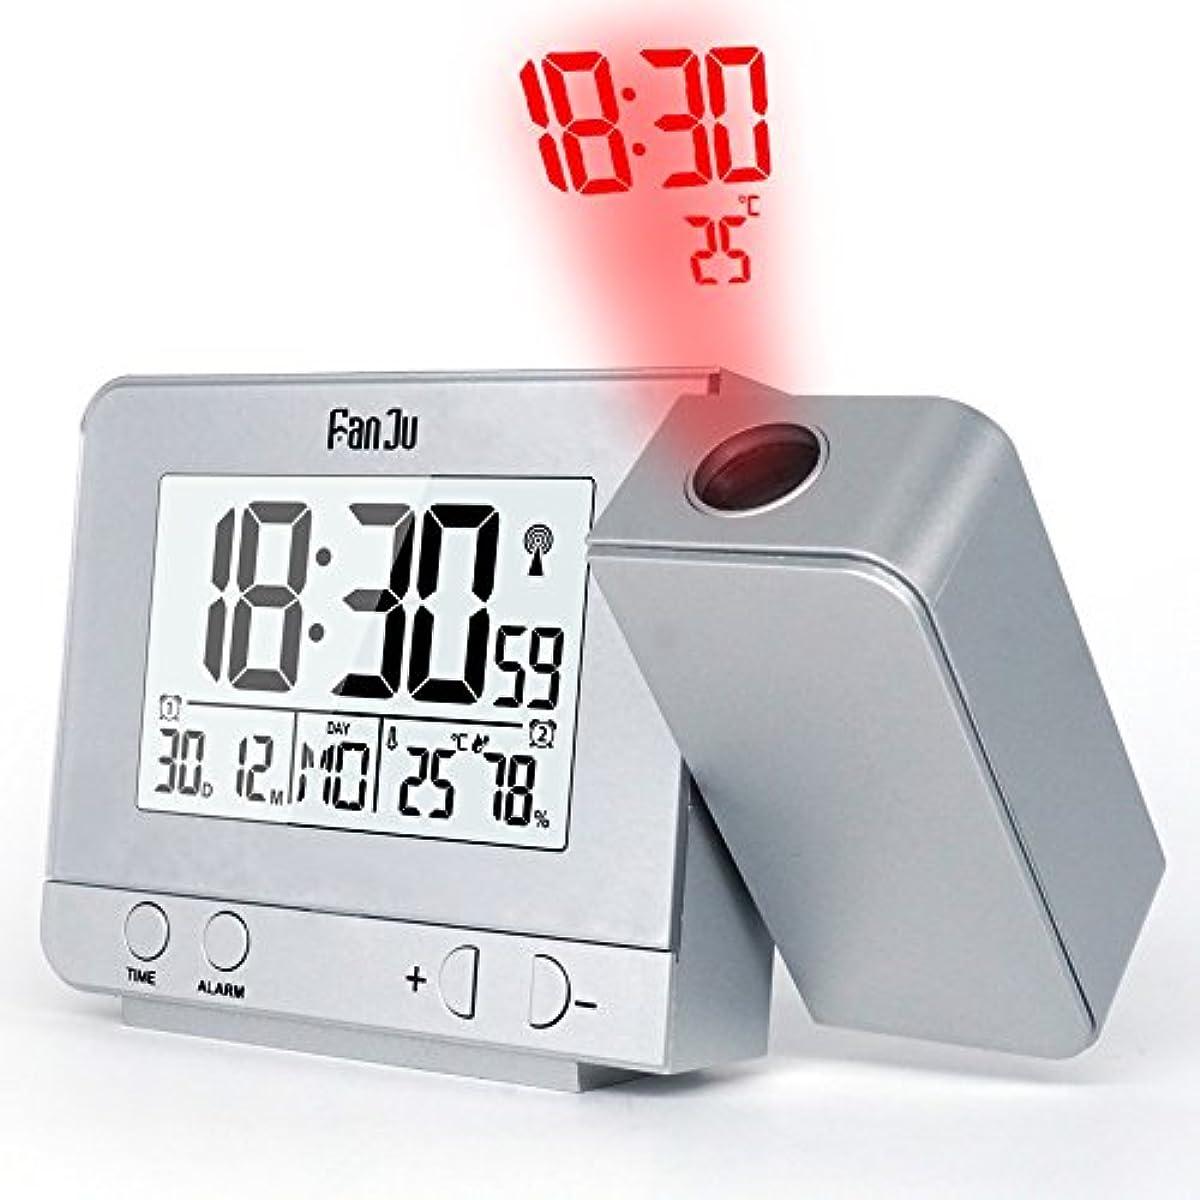 [해외] FANJU FJ3531S 온도와 시건의 투사진을 동반하는어울리는 투영 알람 clock/USB충전기 포토/실내 온도와 습도/스누즈기능 딸린 수동 시건 조정/캘린더/더블 알람